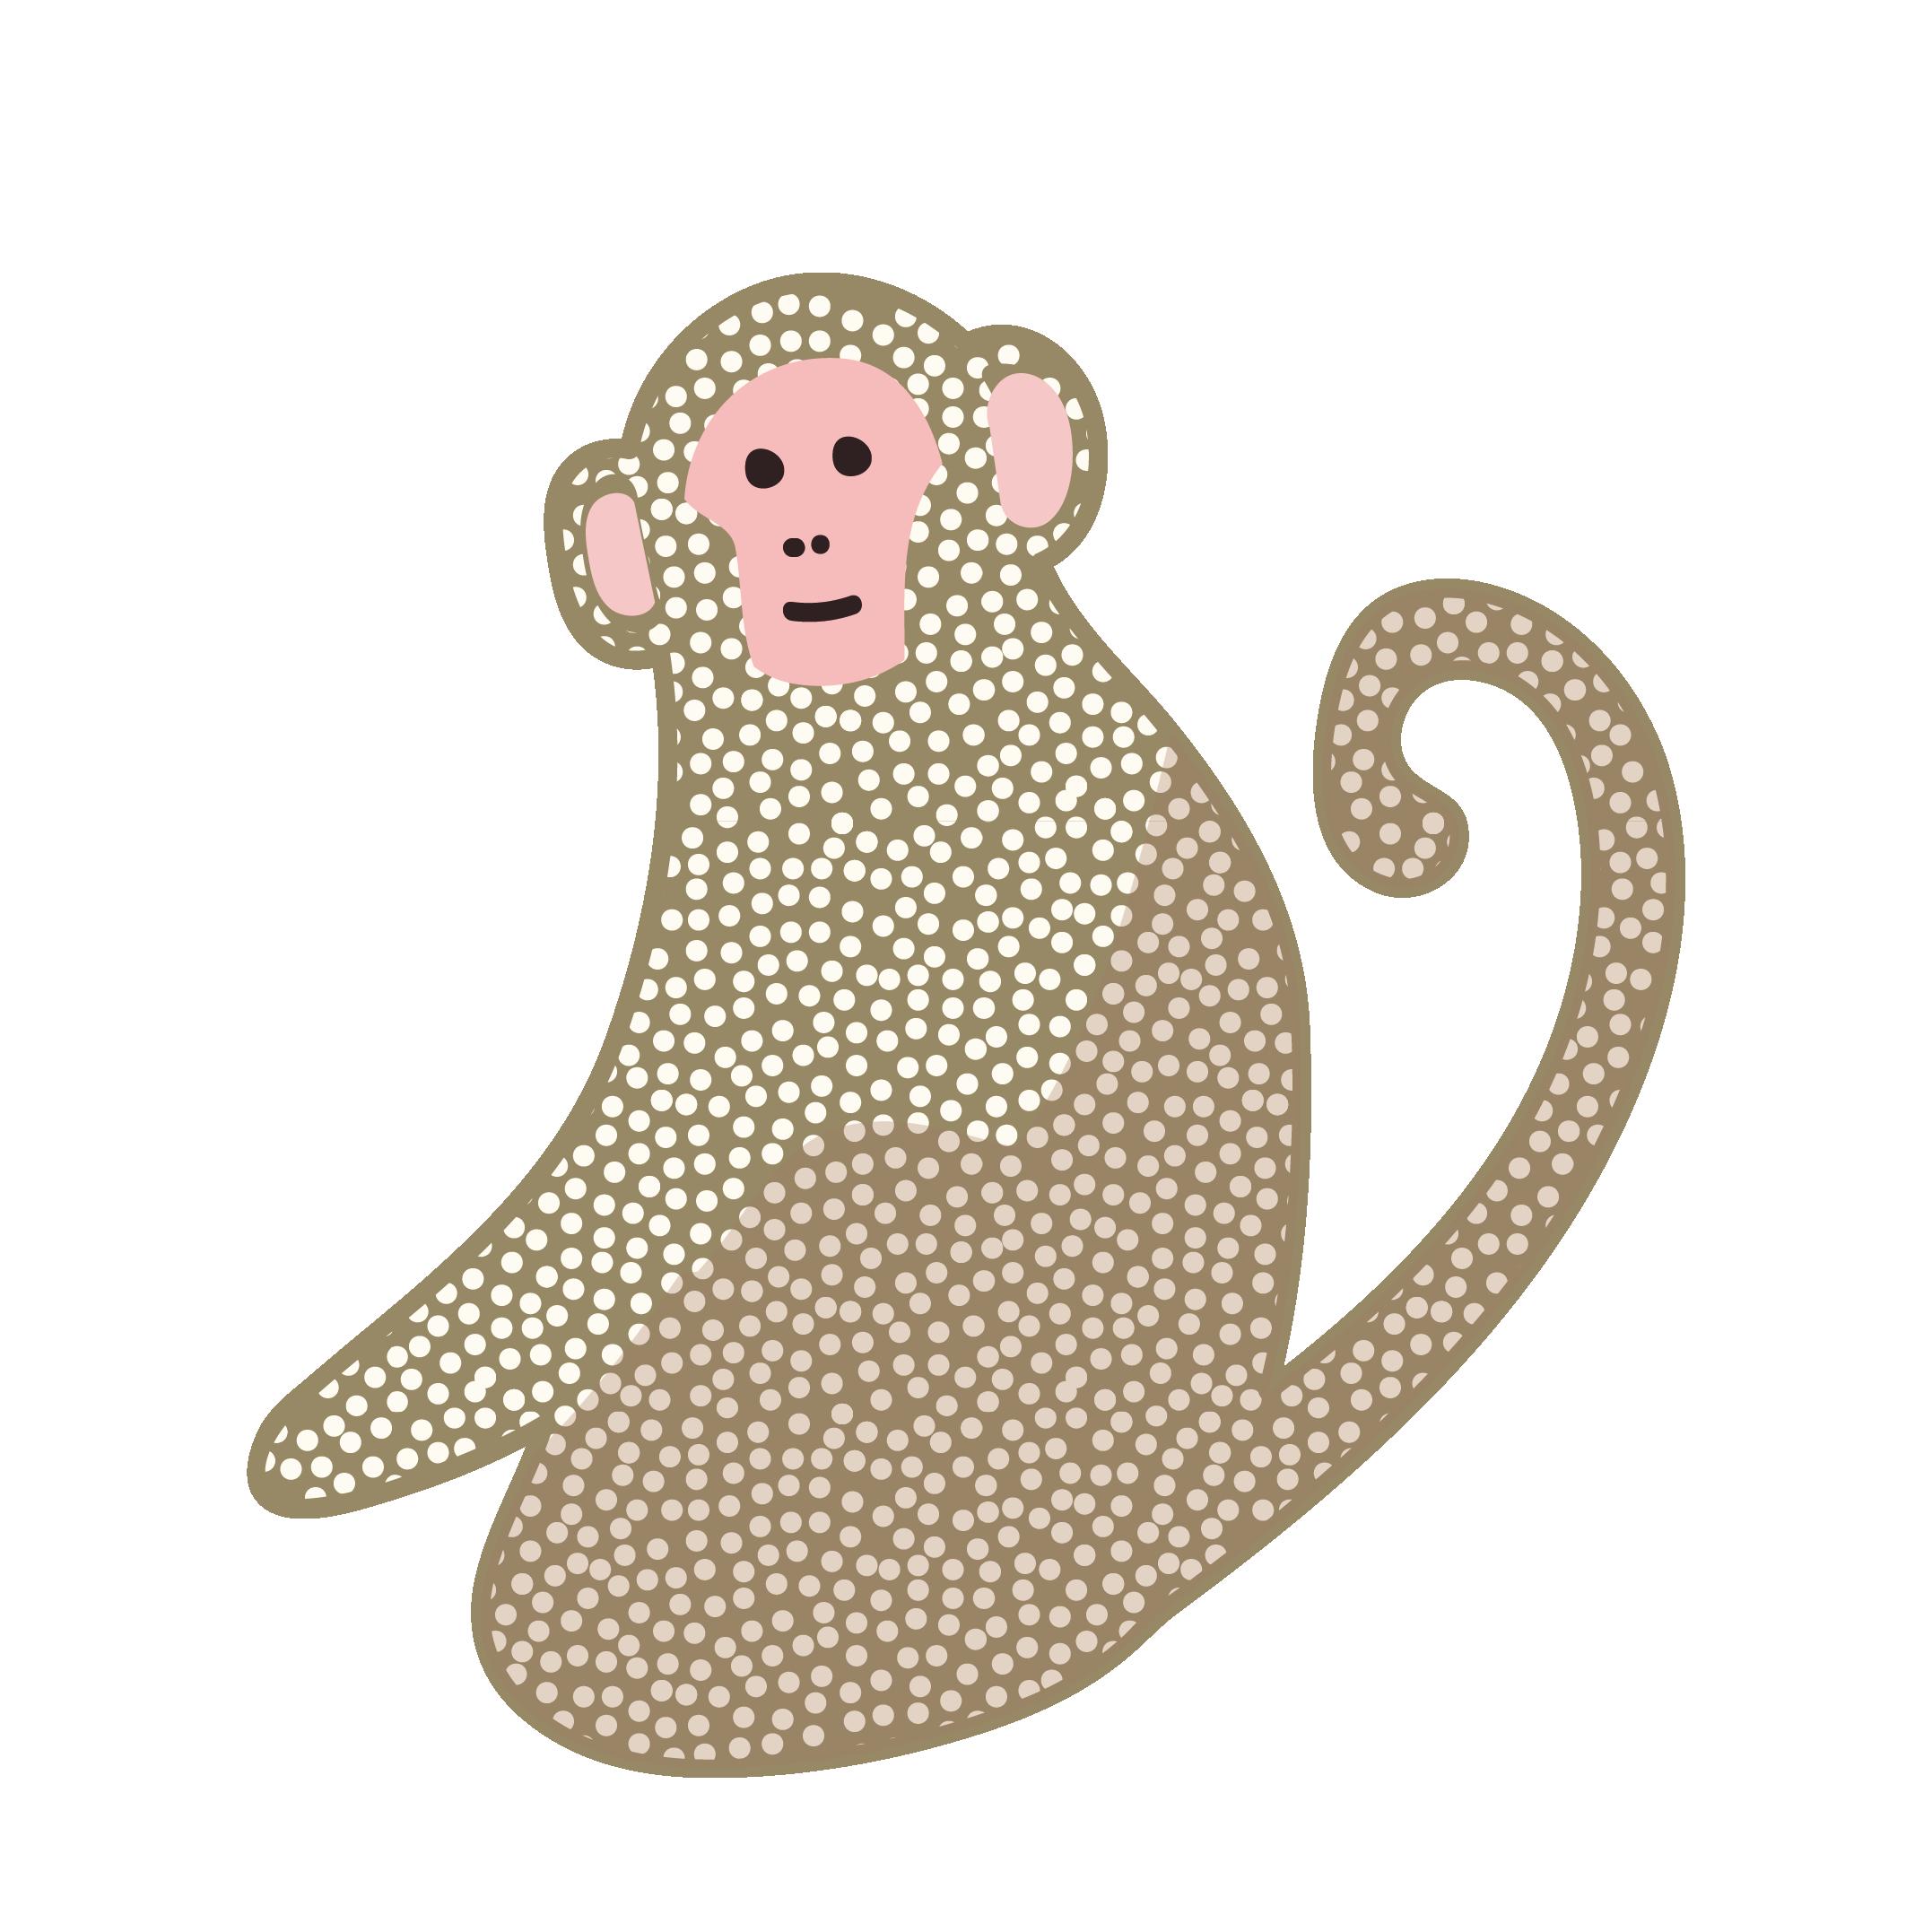 おしゃれでかわいい♪猿(サル・モンキー)の 無料 イラスト【動物】